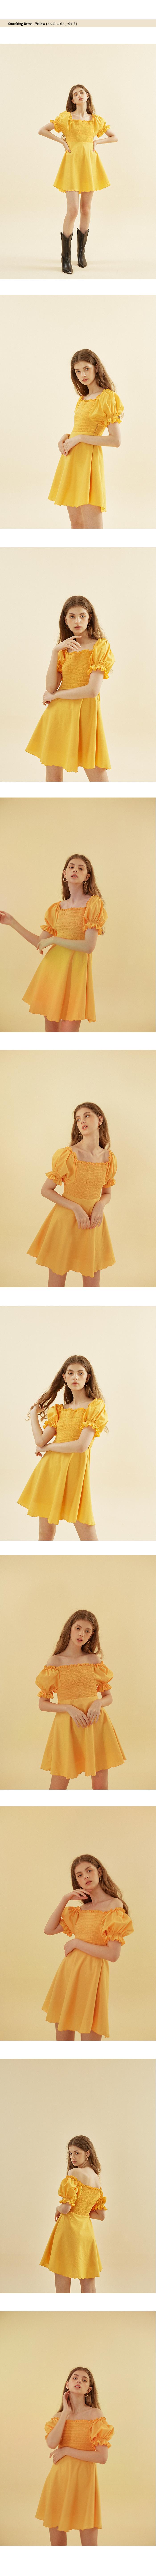 살롱 드 욘(SALON DE YOHN) Smocking Dress_ Yellow